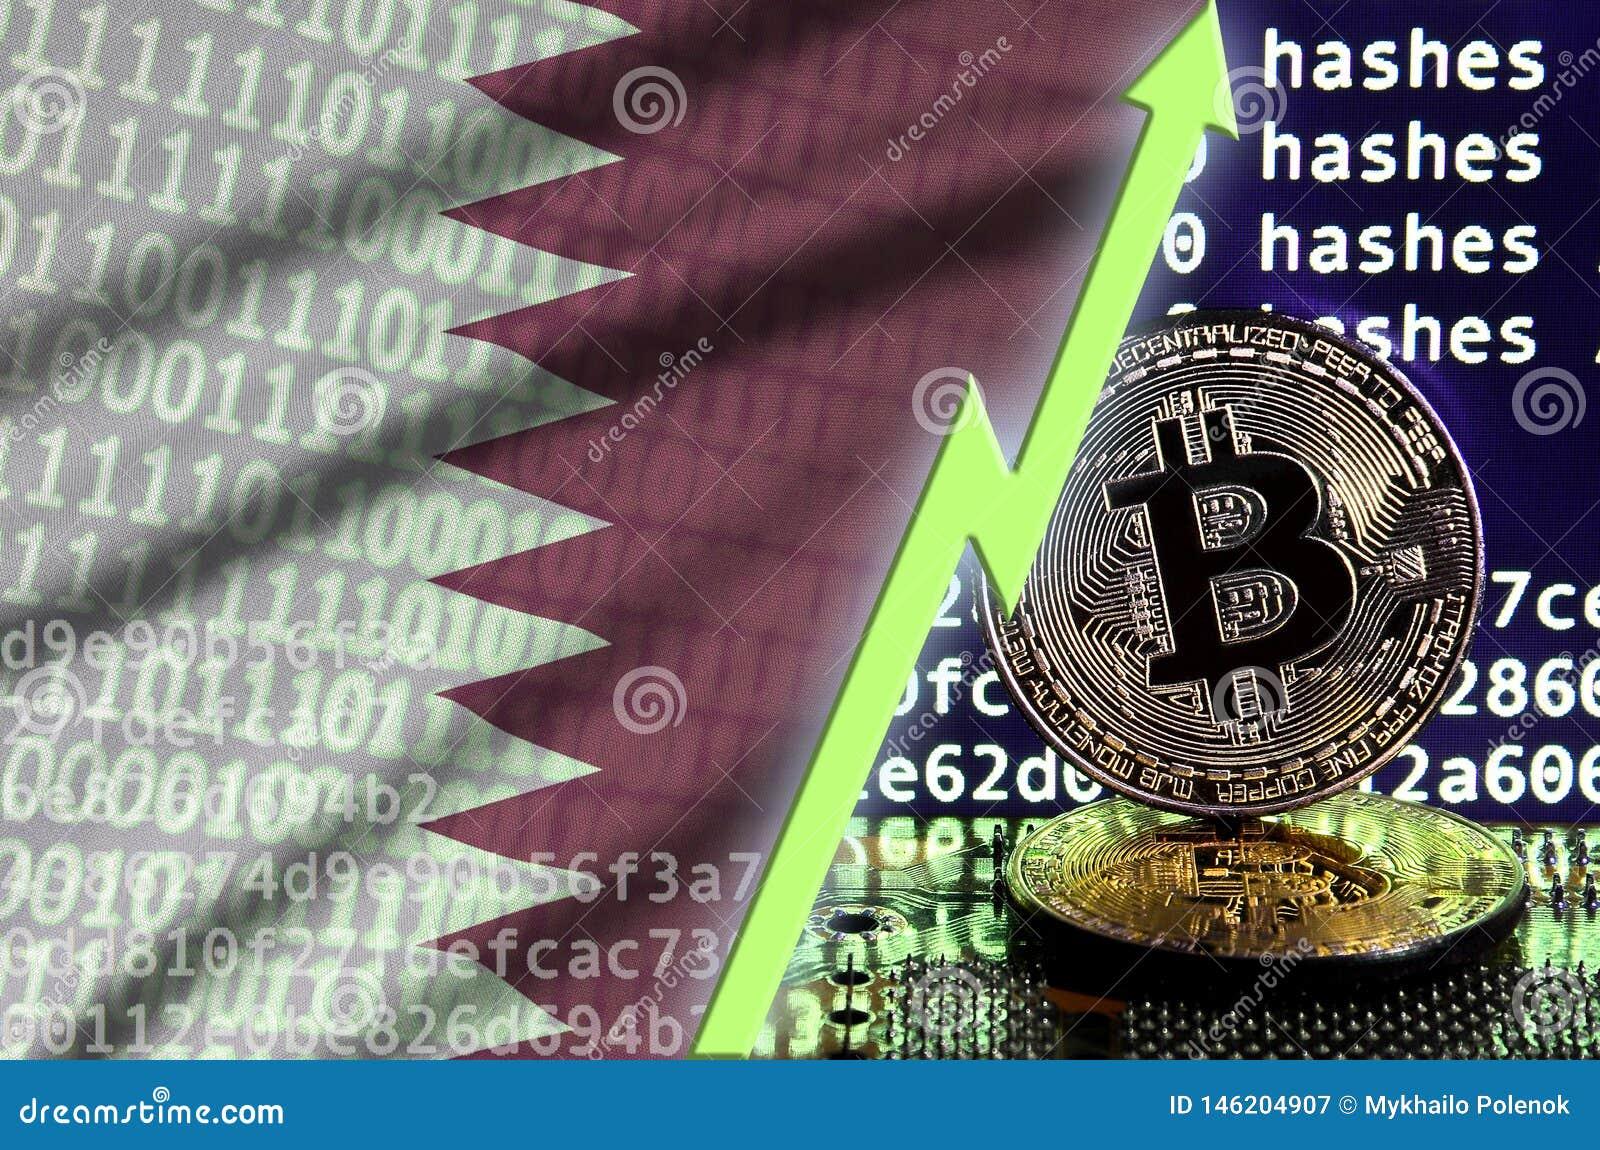 96 bitcoin investicijų apžvalga, 1.